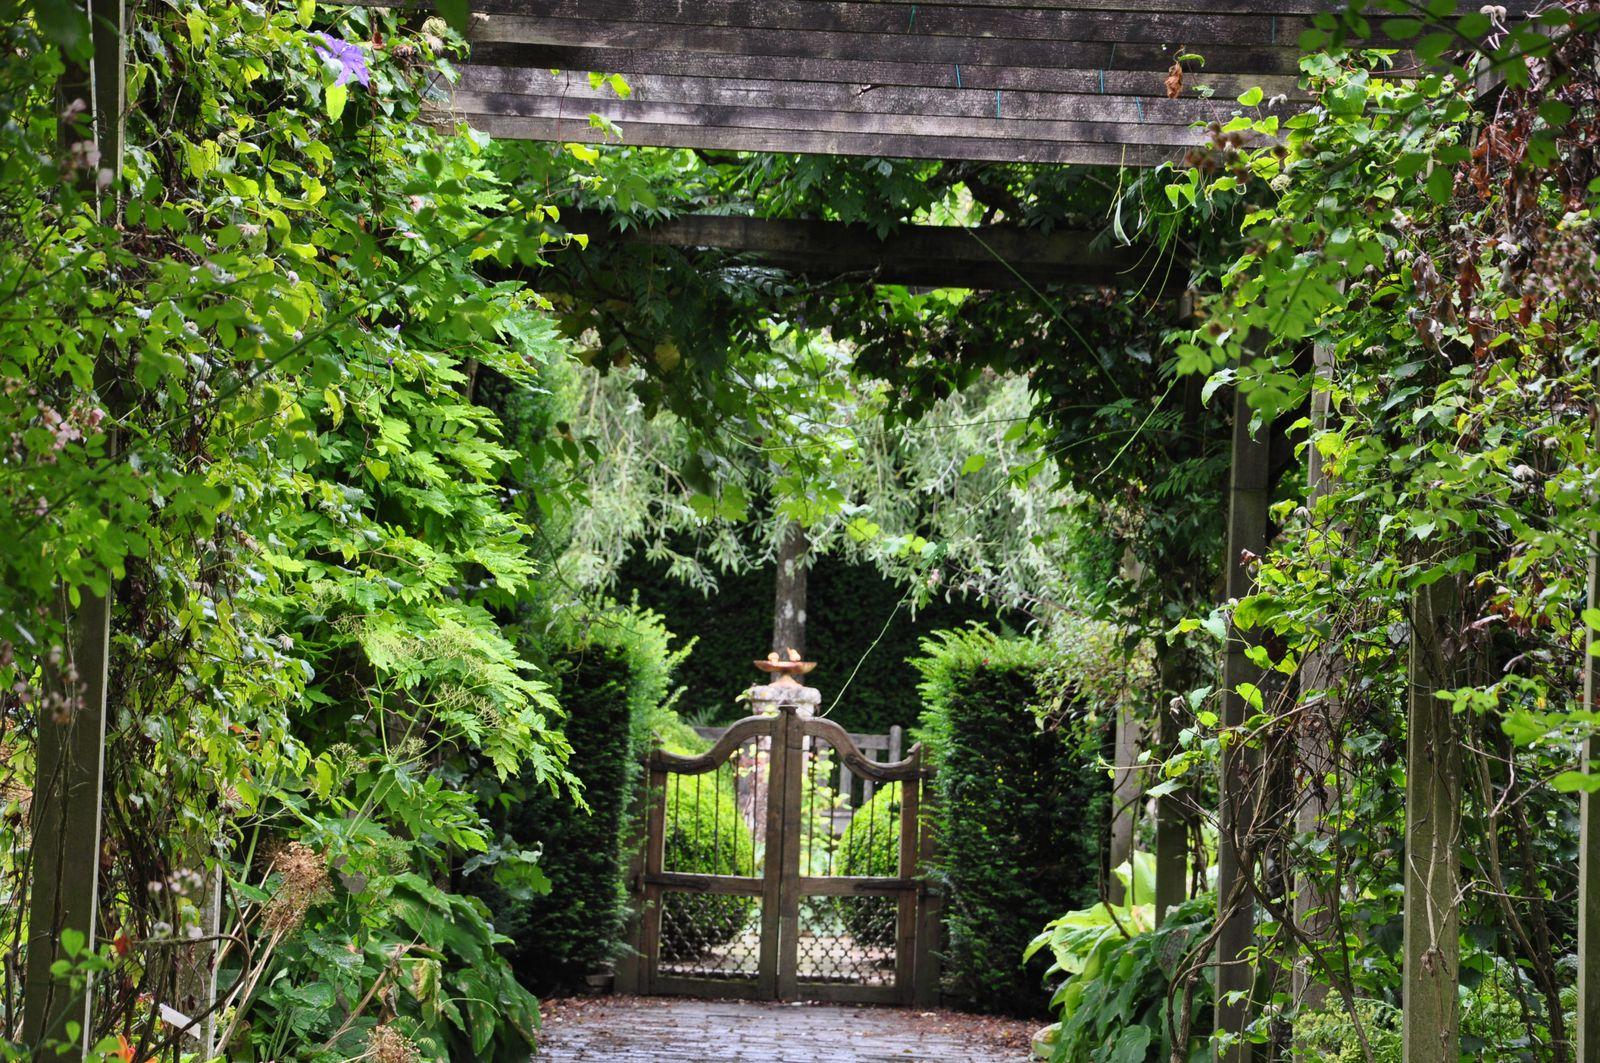 Les jardins de Castillon, comme un chef d'oeuvre d'artisan